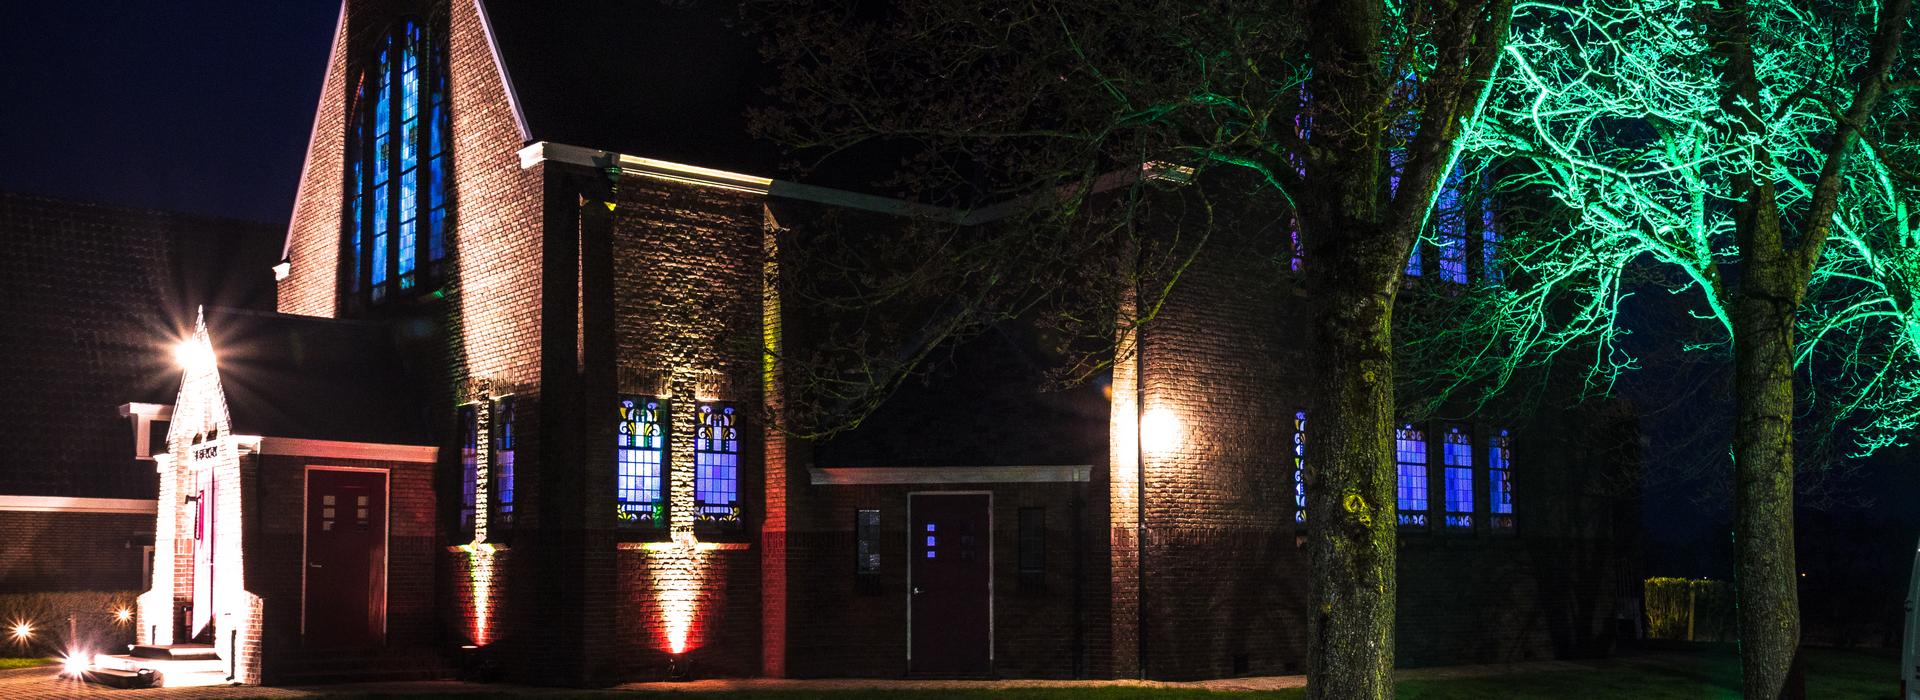 Nieuwe data voorstellingen Theaterkerk Nes bekend